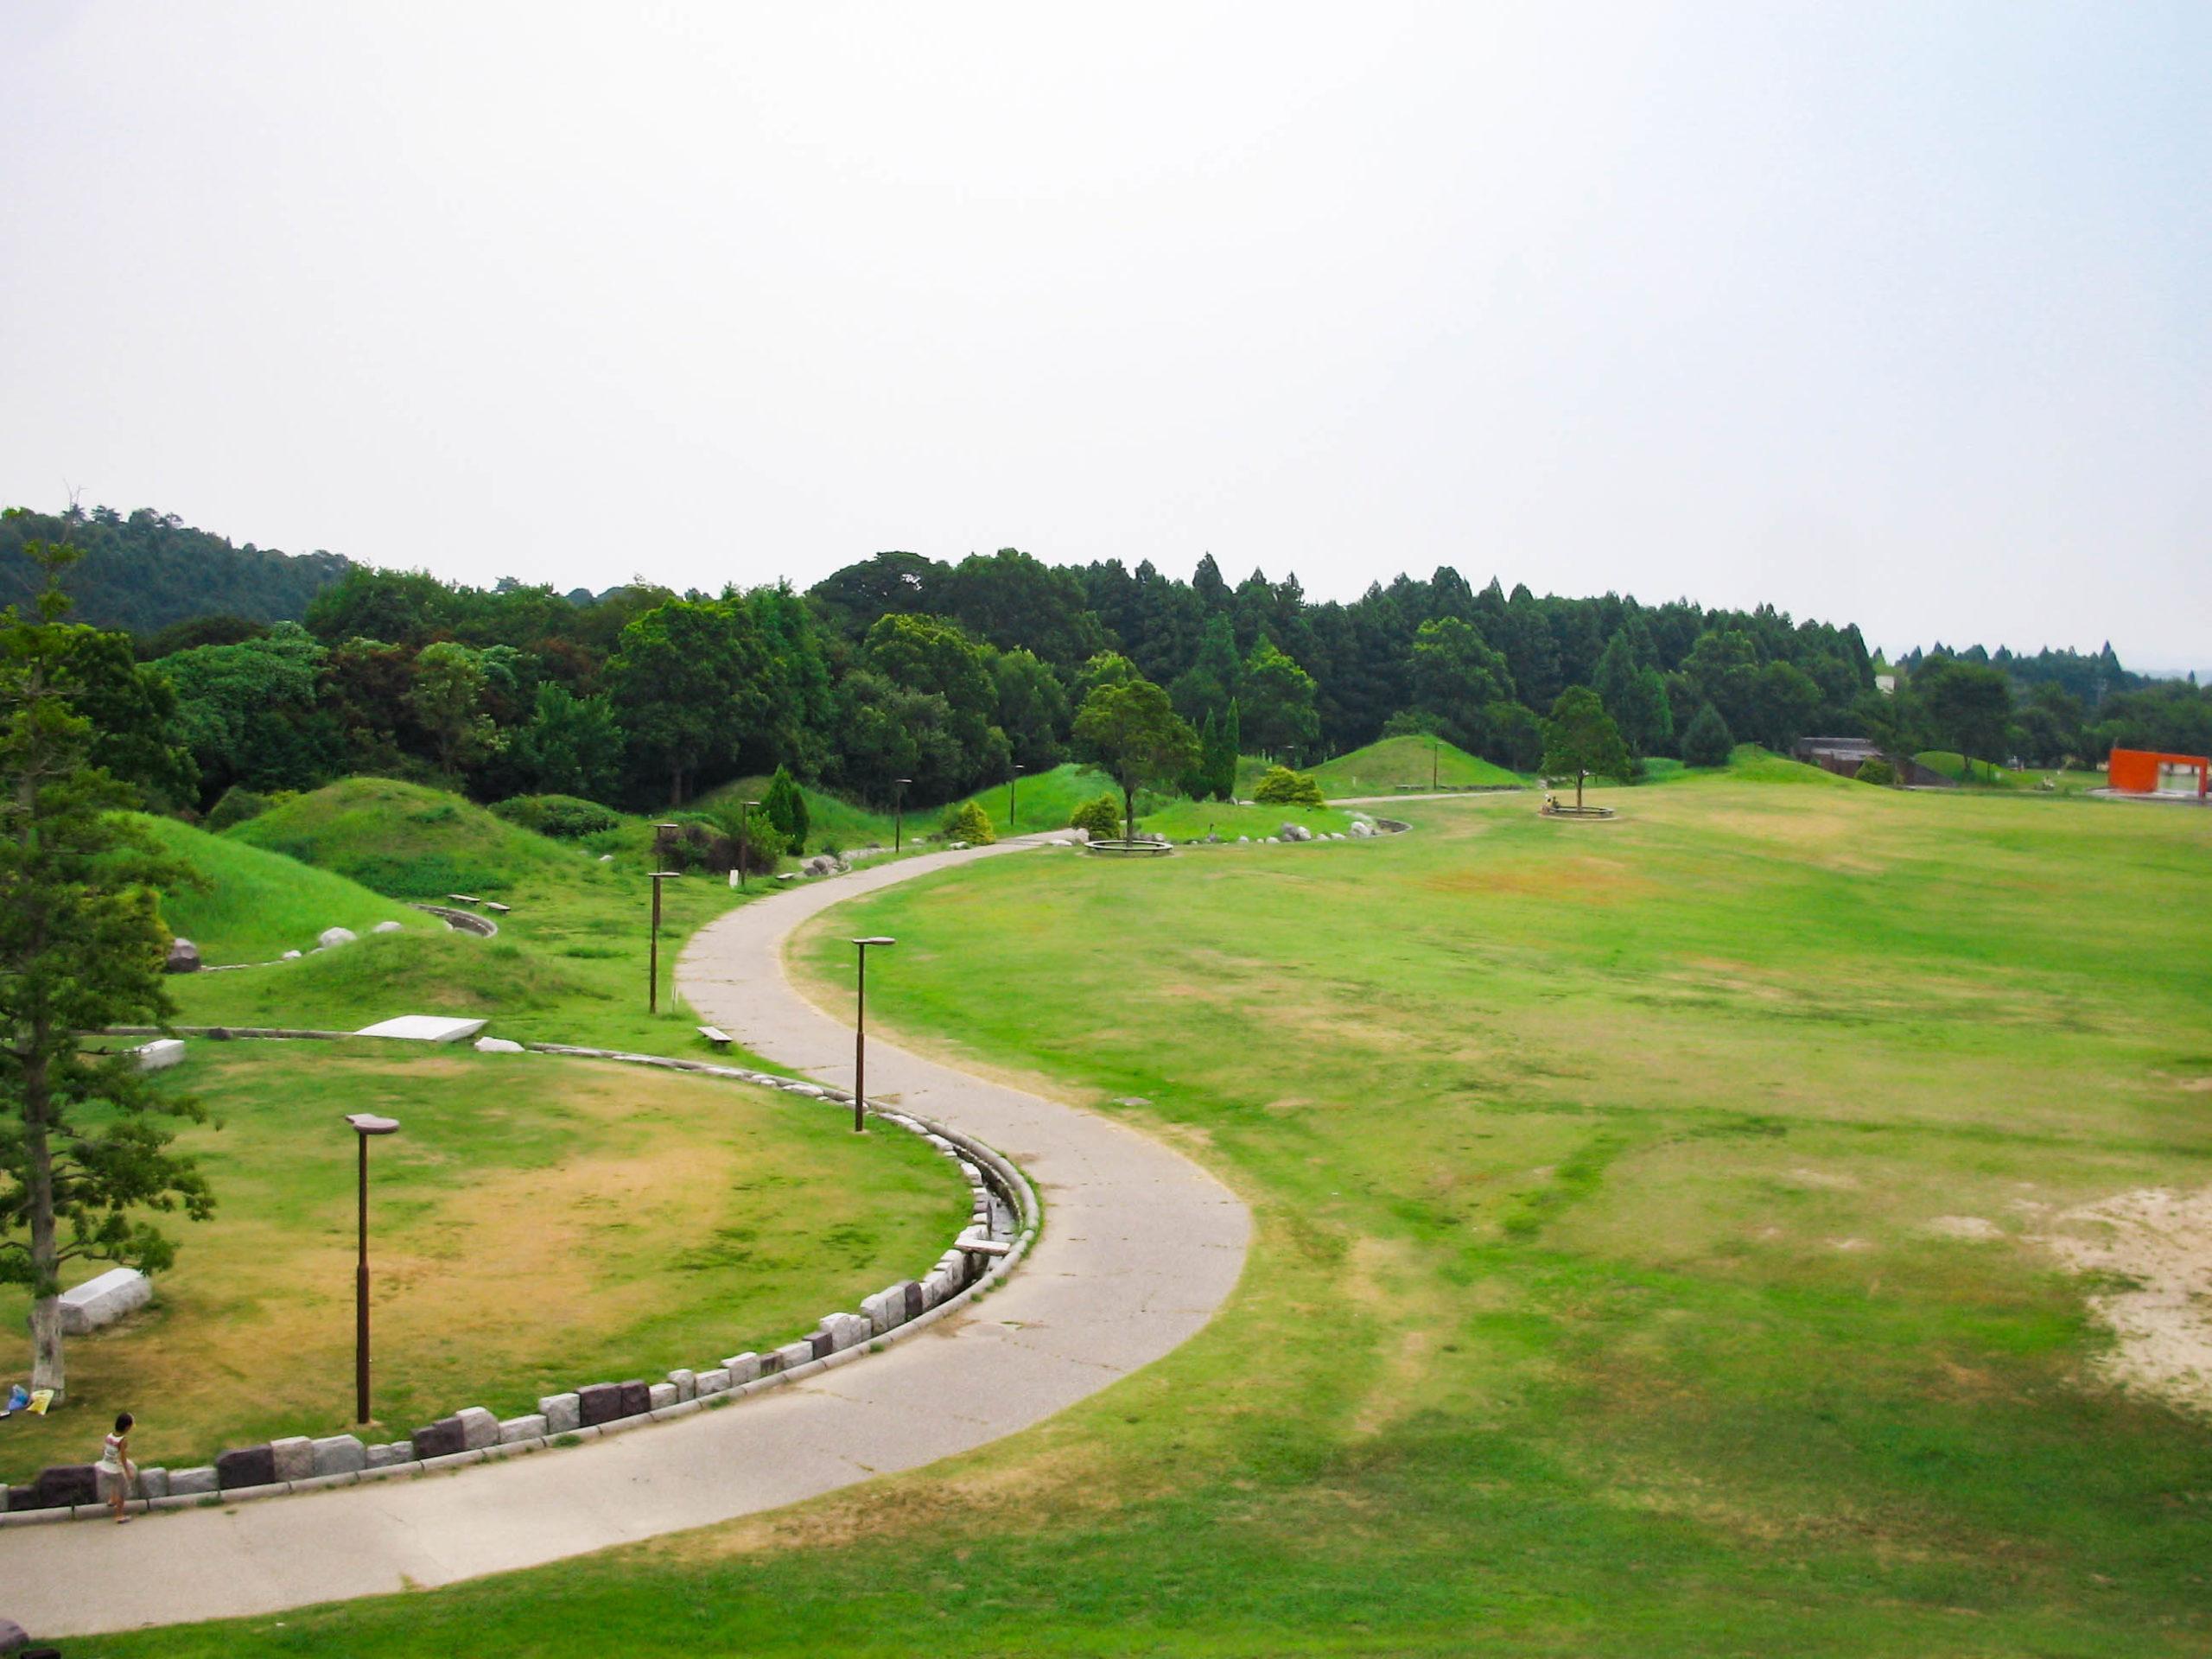 丘から見た公園の写真